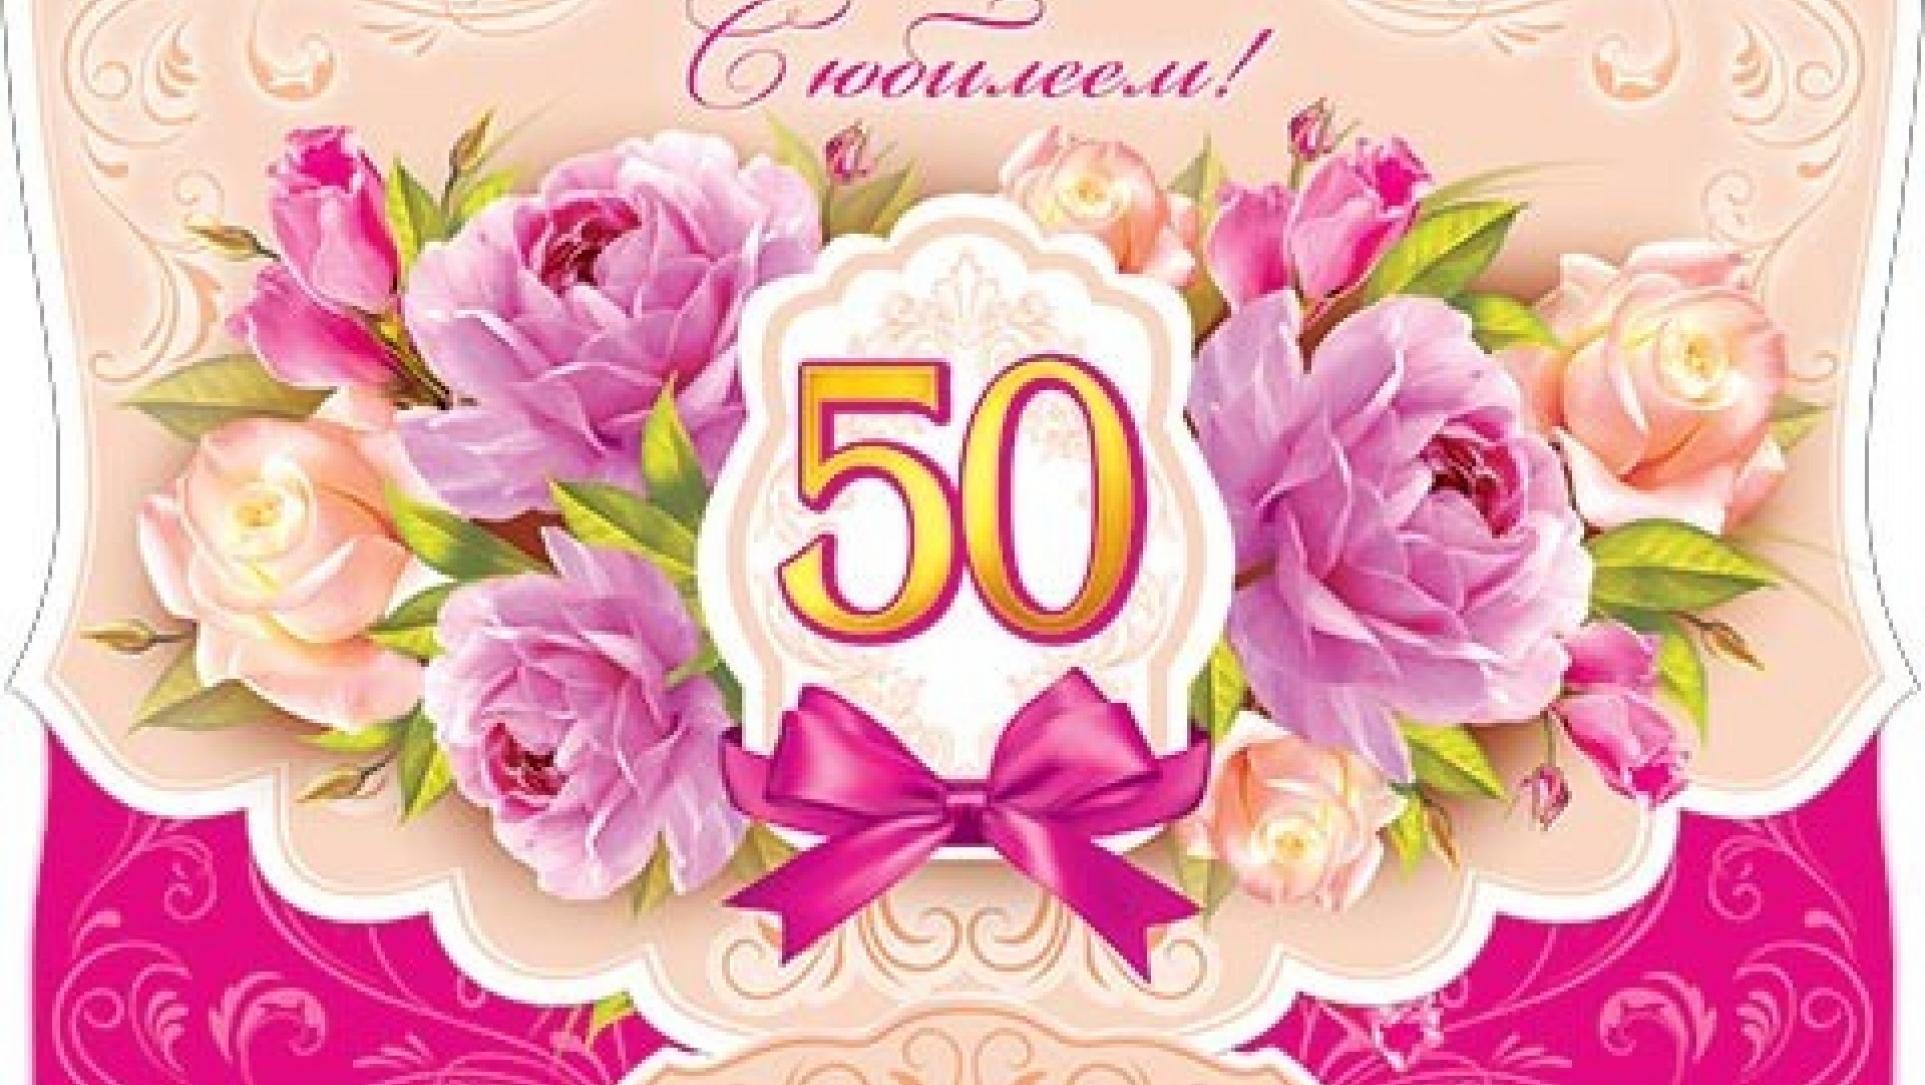 Красивые поздравление маме на юбилей 50 лет